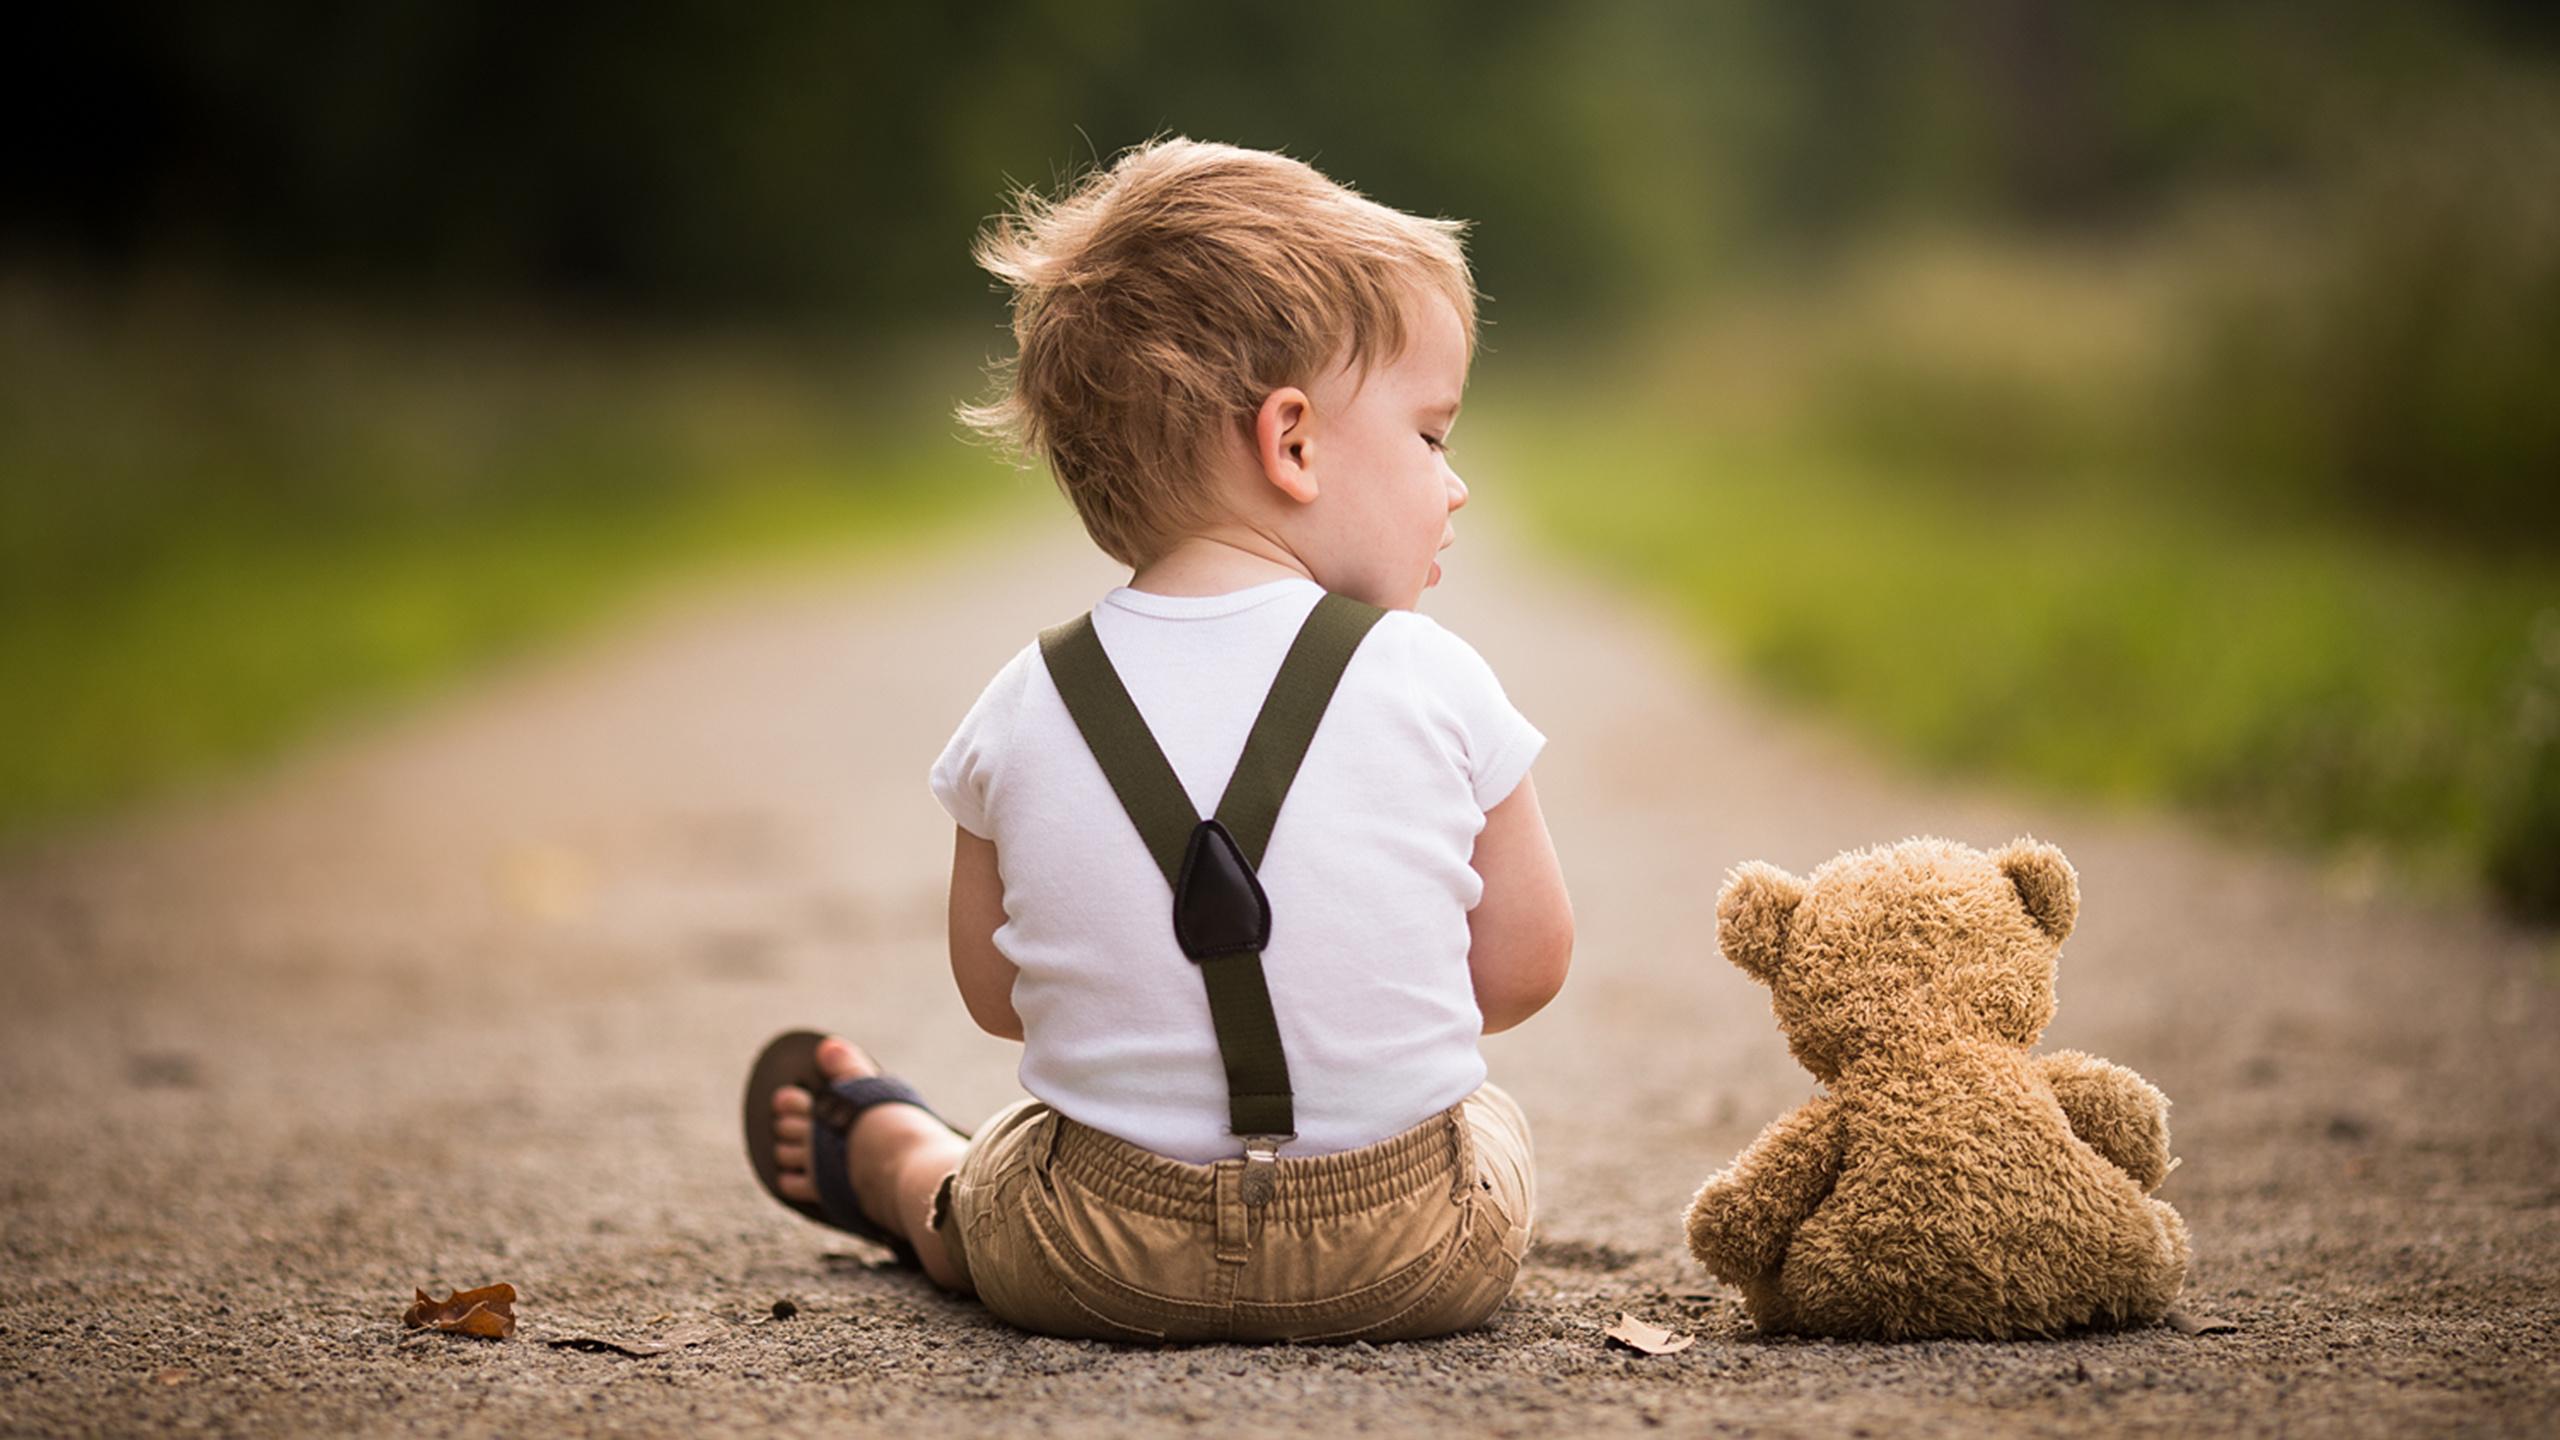 Bilder von jungen Kinder 2 Weg Teddy sitzt Hinten 2560x1440 Junge Zwei Teddybär Knuddelbär sitzen Sitzend